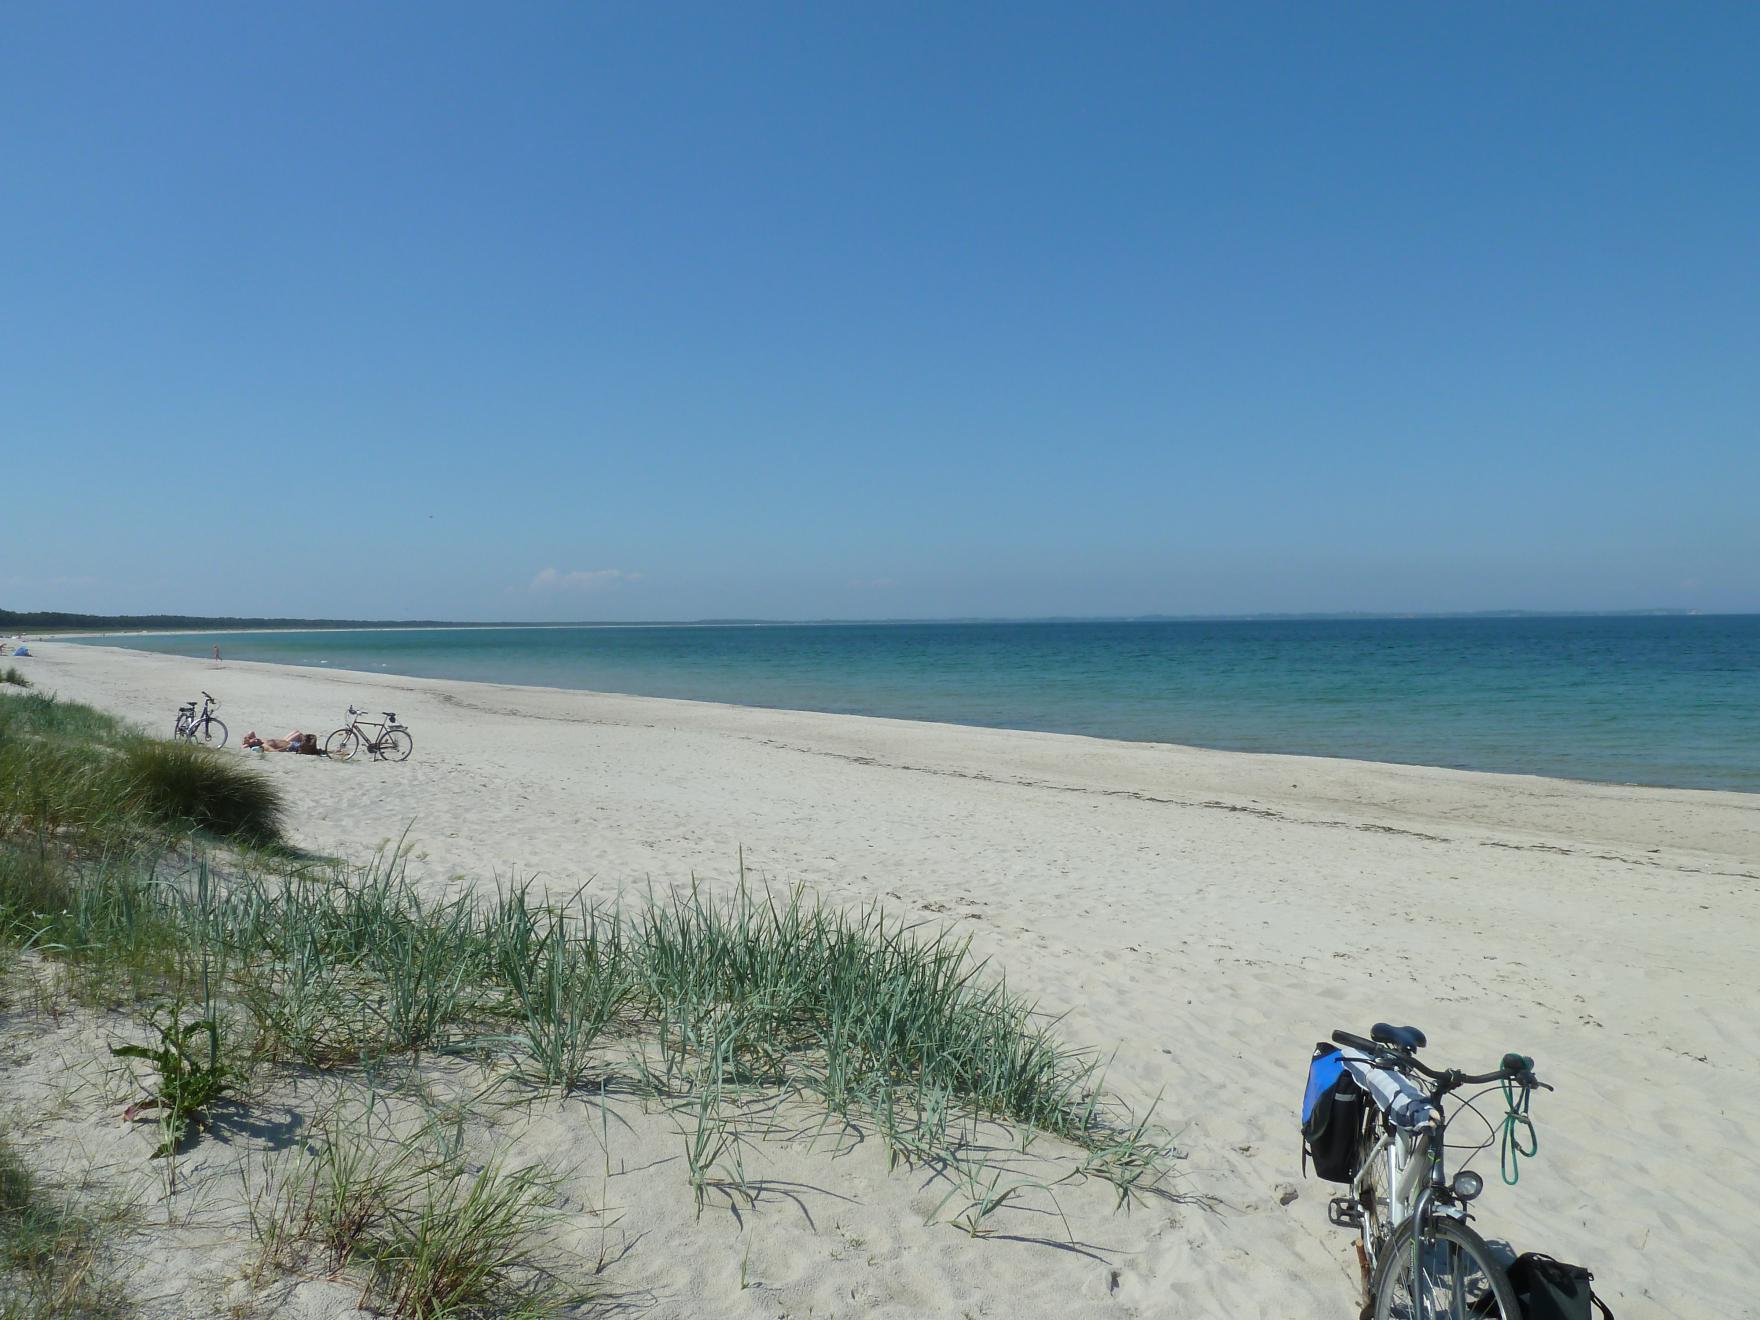 Der Strand von Glowe direkt vor ihrer Haustüre